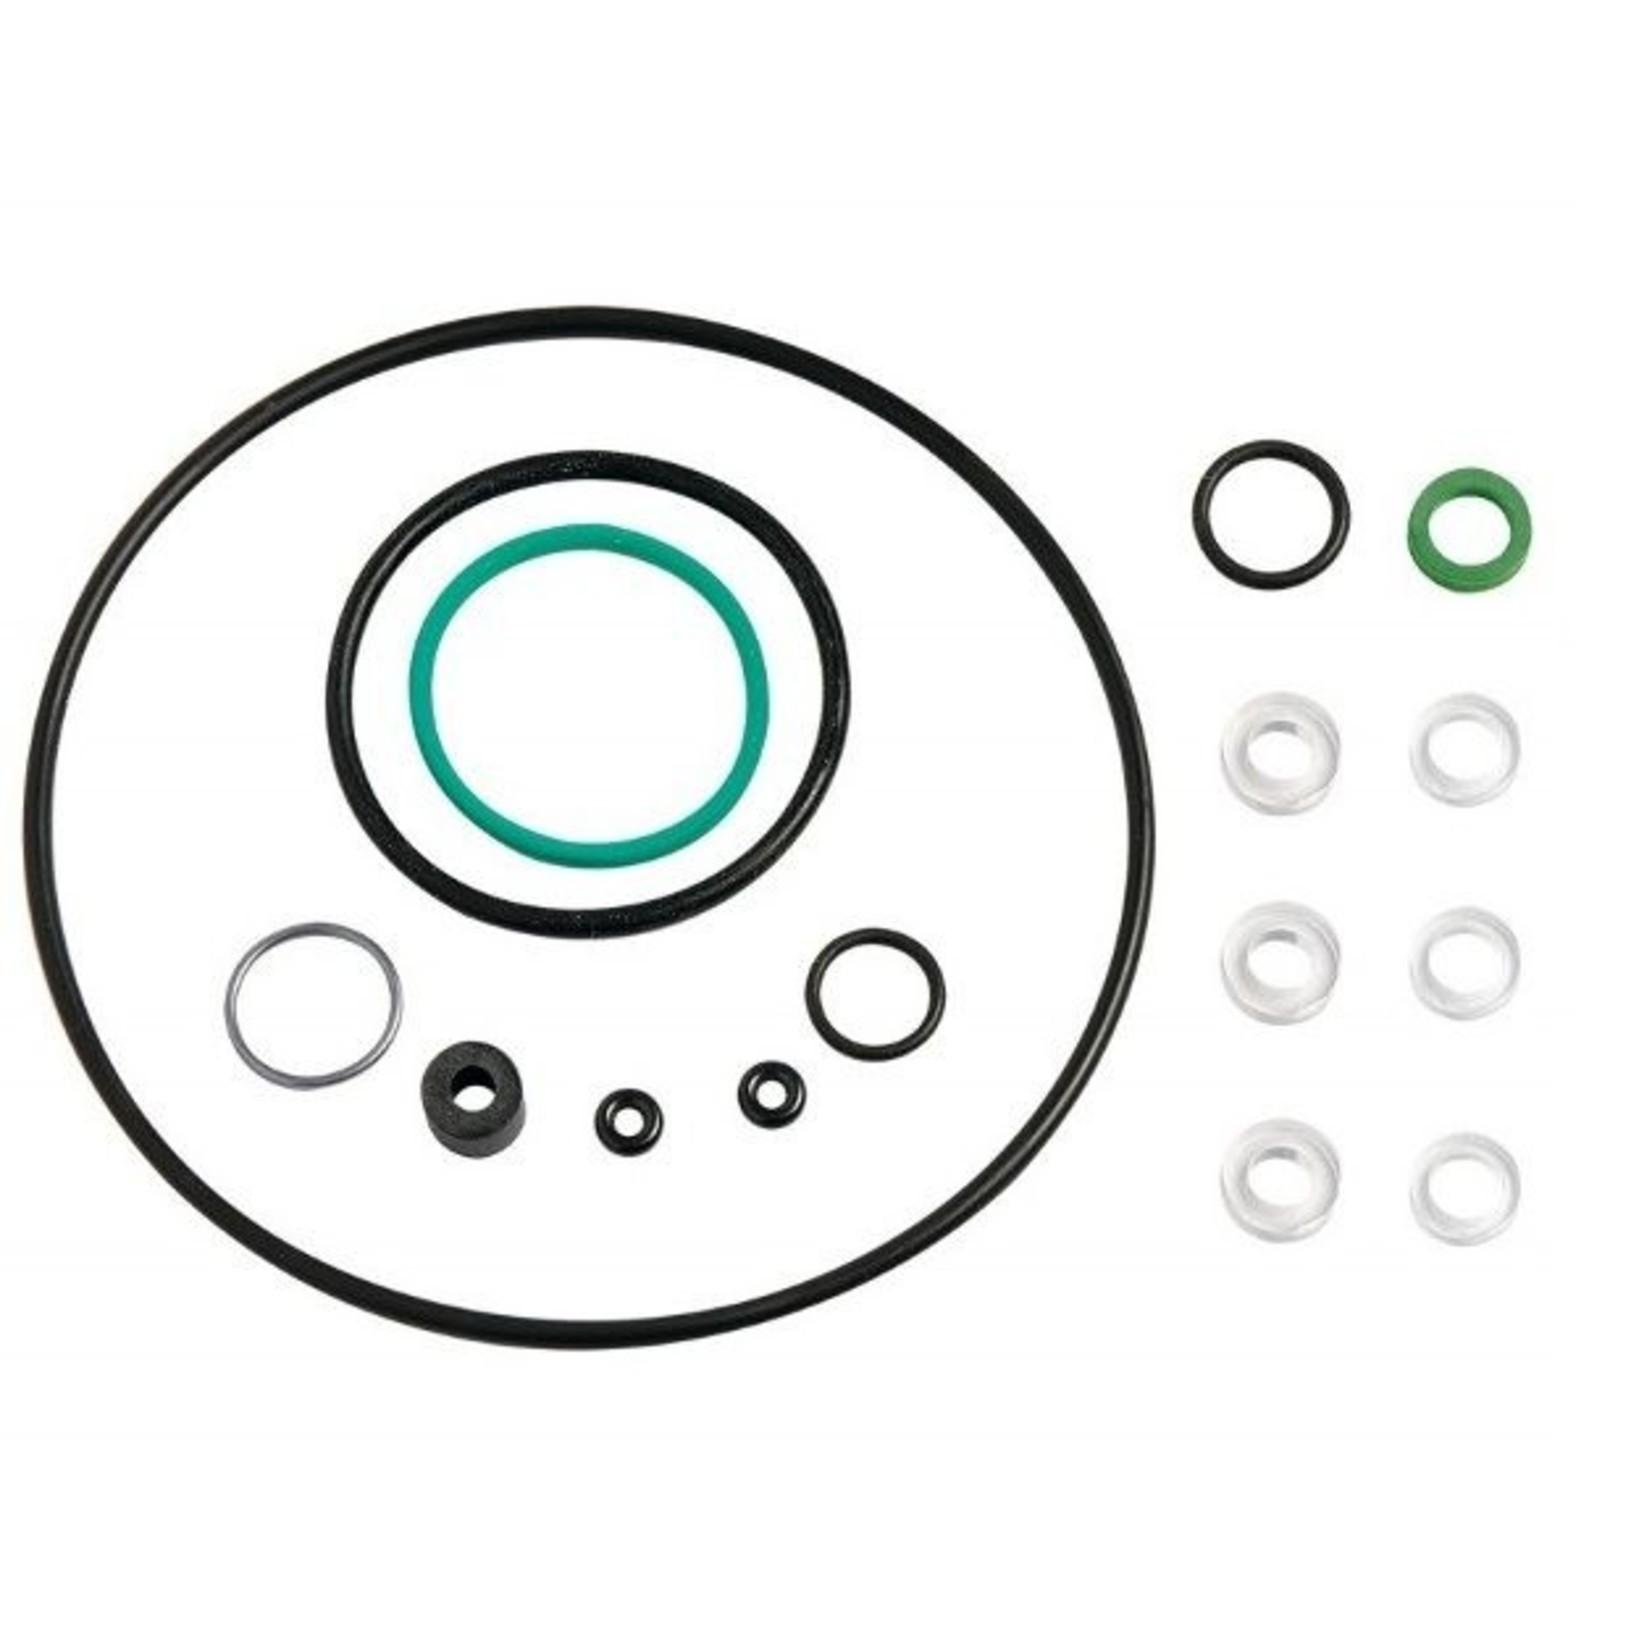 Gloria onderdelen Pakkingset Rugspuiten Hobby 1800, Pro 1300 / 1800